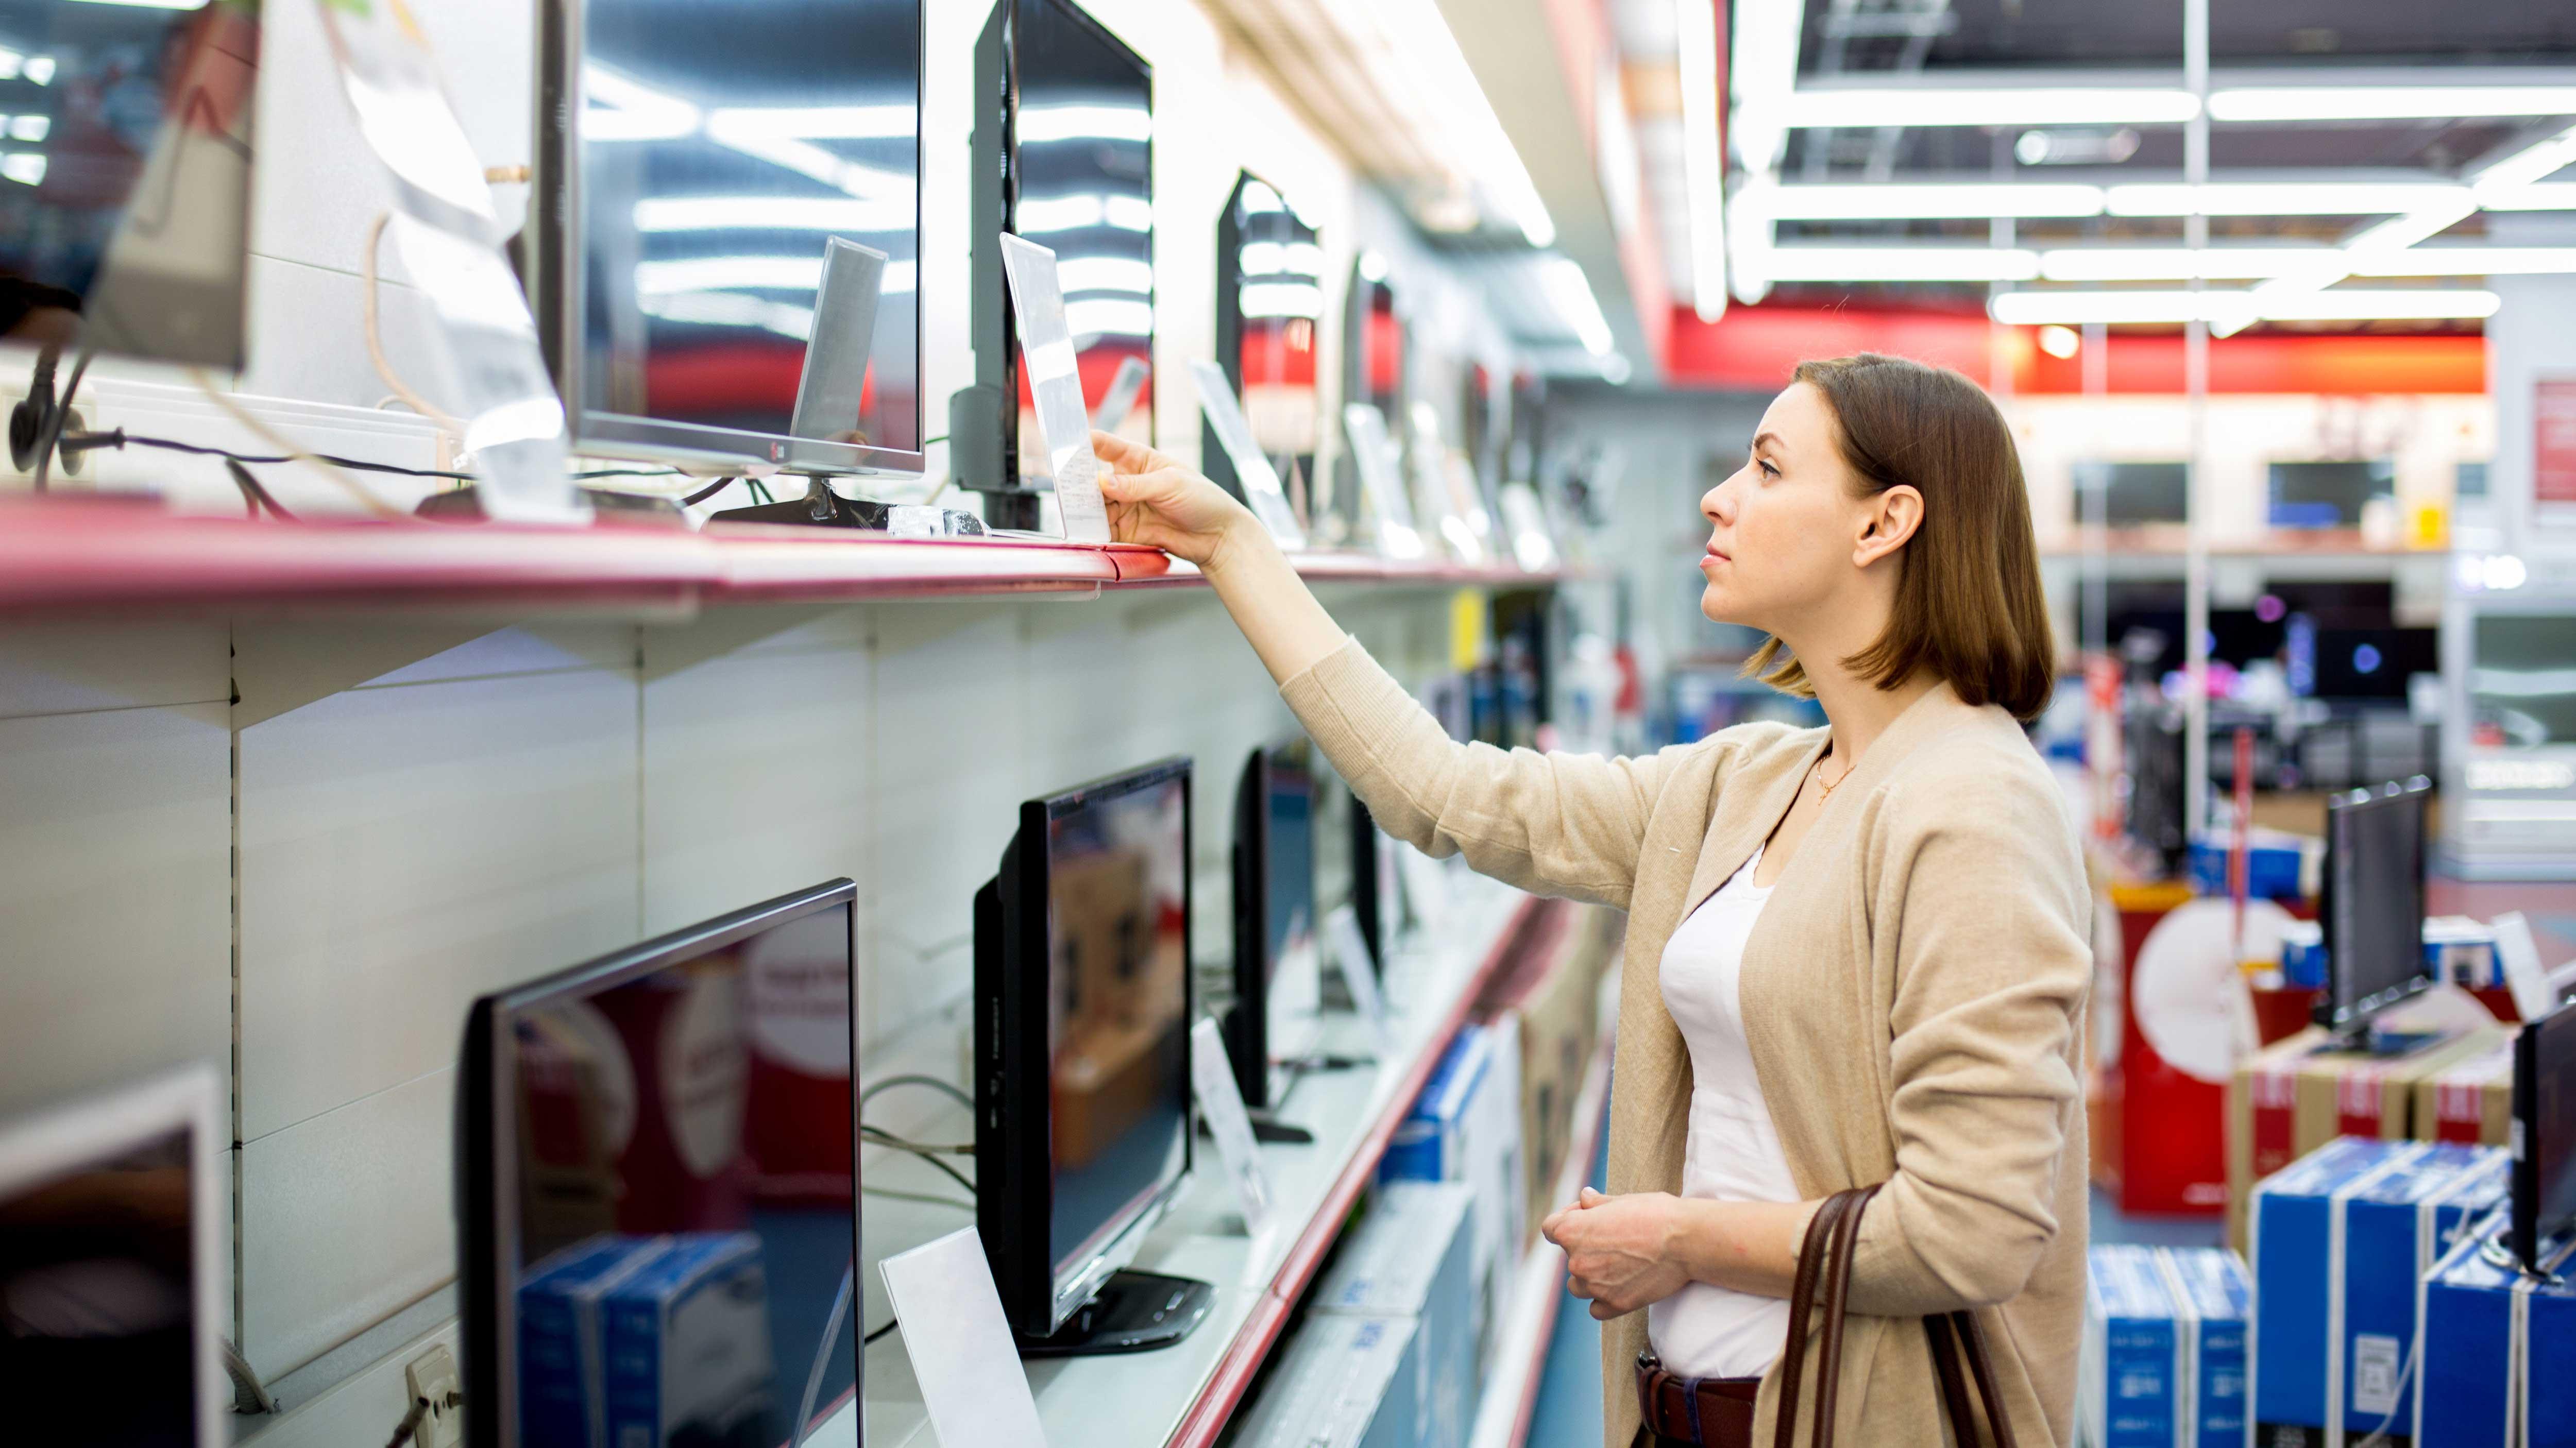 <p>Electro: especialistas y supermercados enfocados en mercado físico</p>